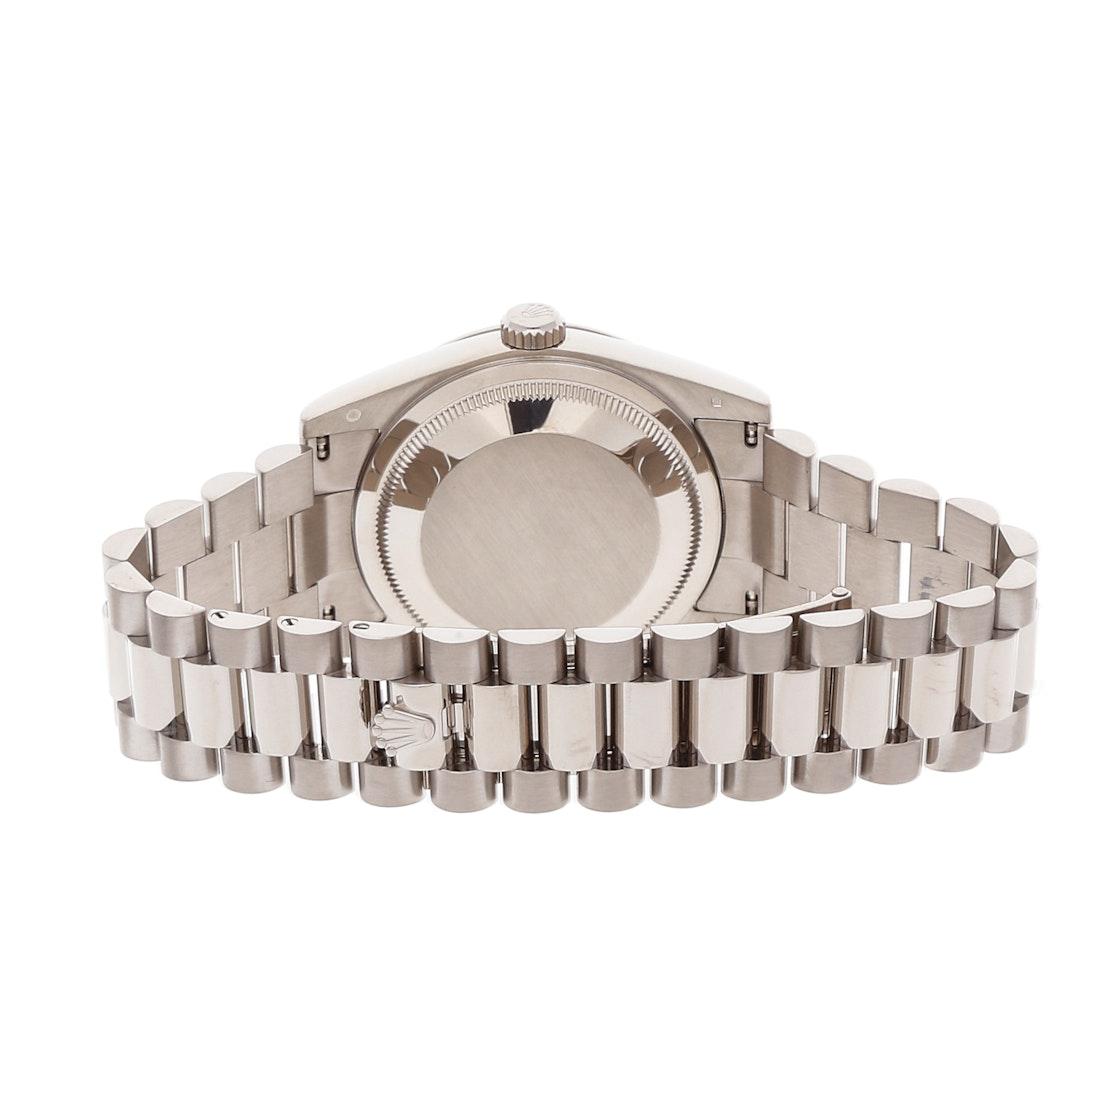 Rolex Day-Date 118339